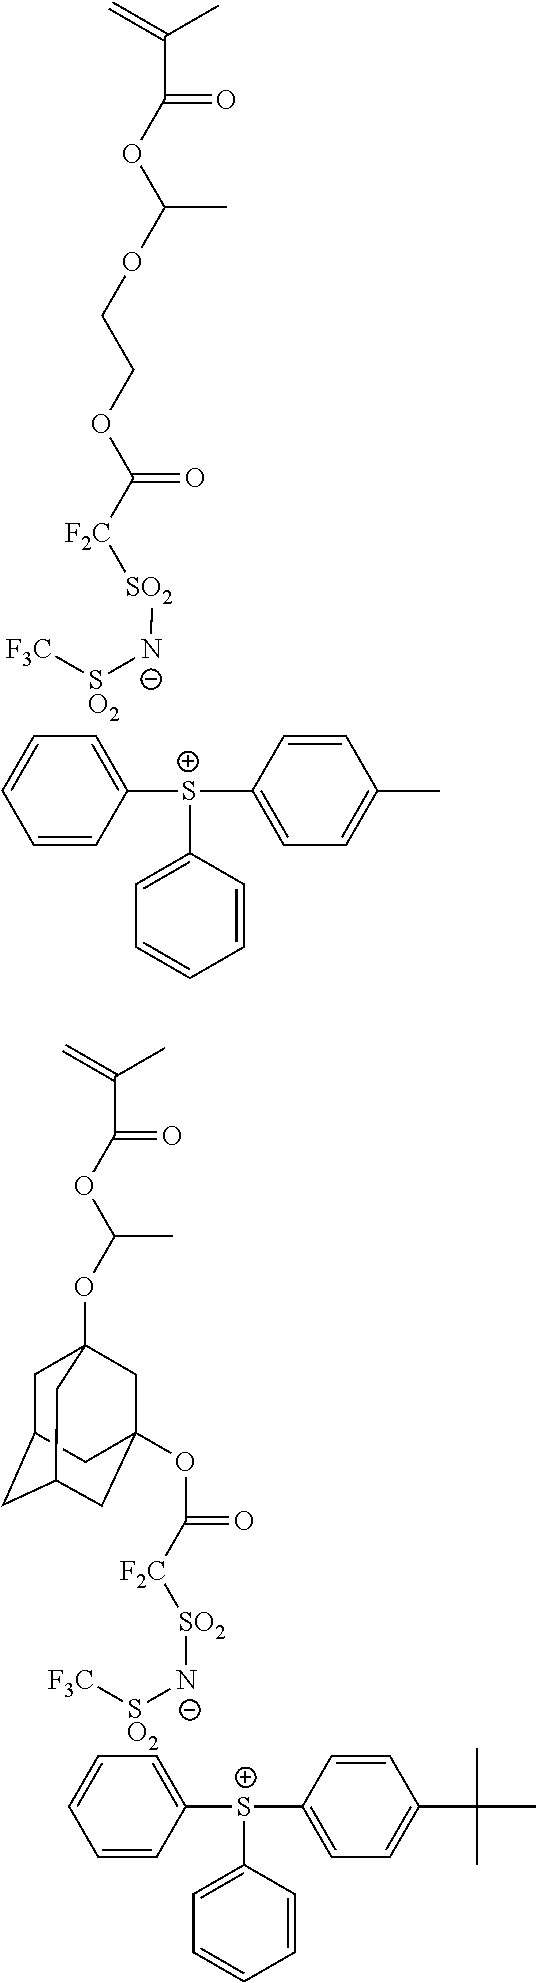 Figure US20110269074A1-20111103-C00013